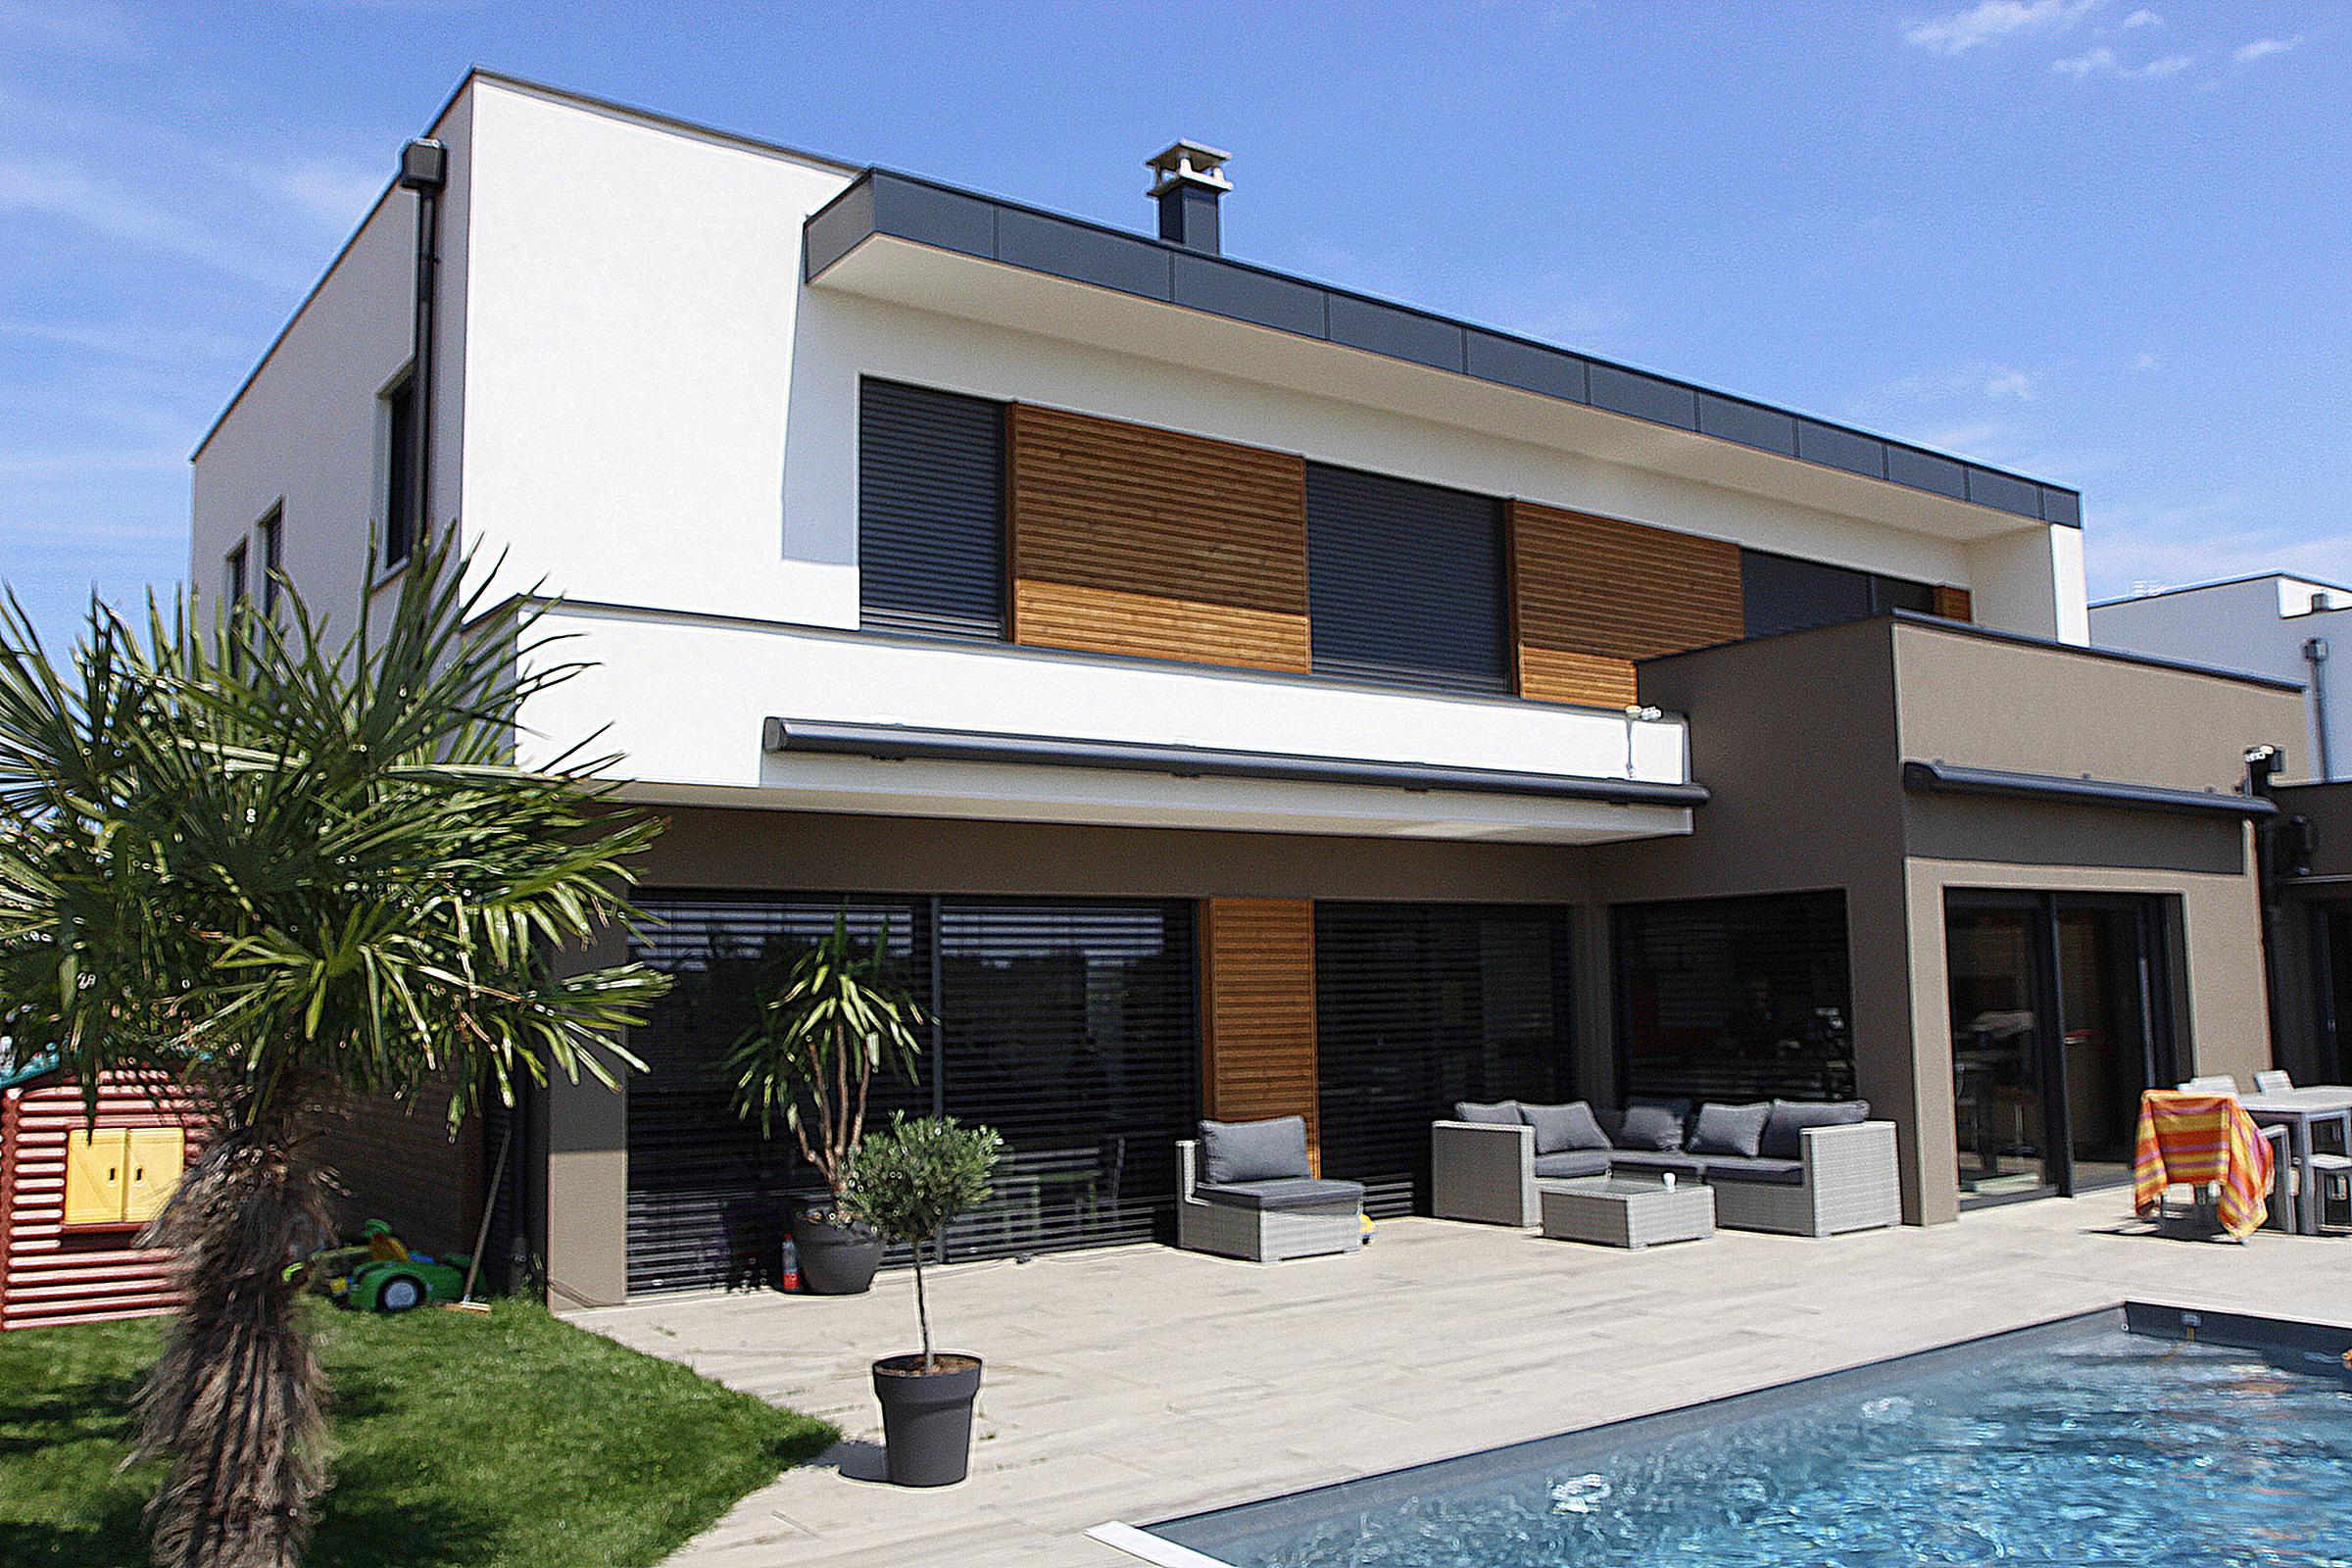 comment on construit une maison comment on construit une maison with comment on construit une. Black Bedroom Furniture Sets. Home Design Ideas